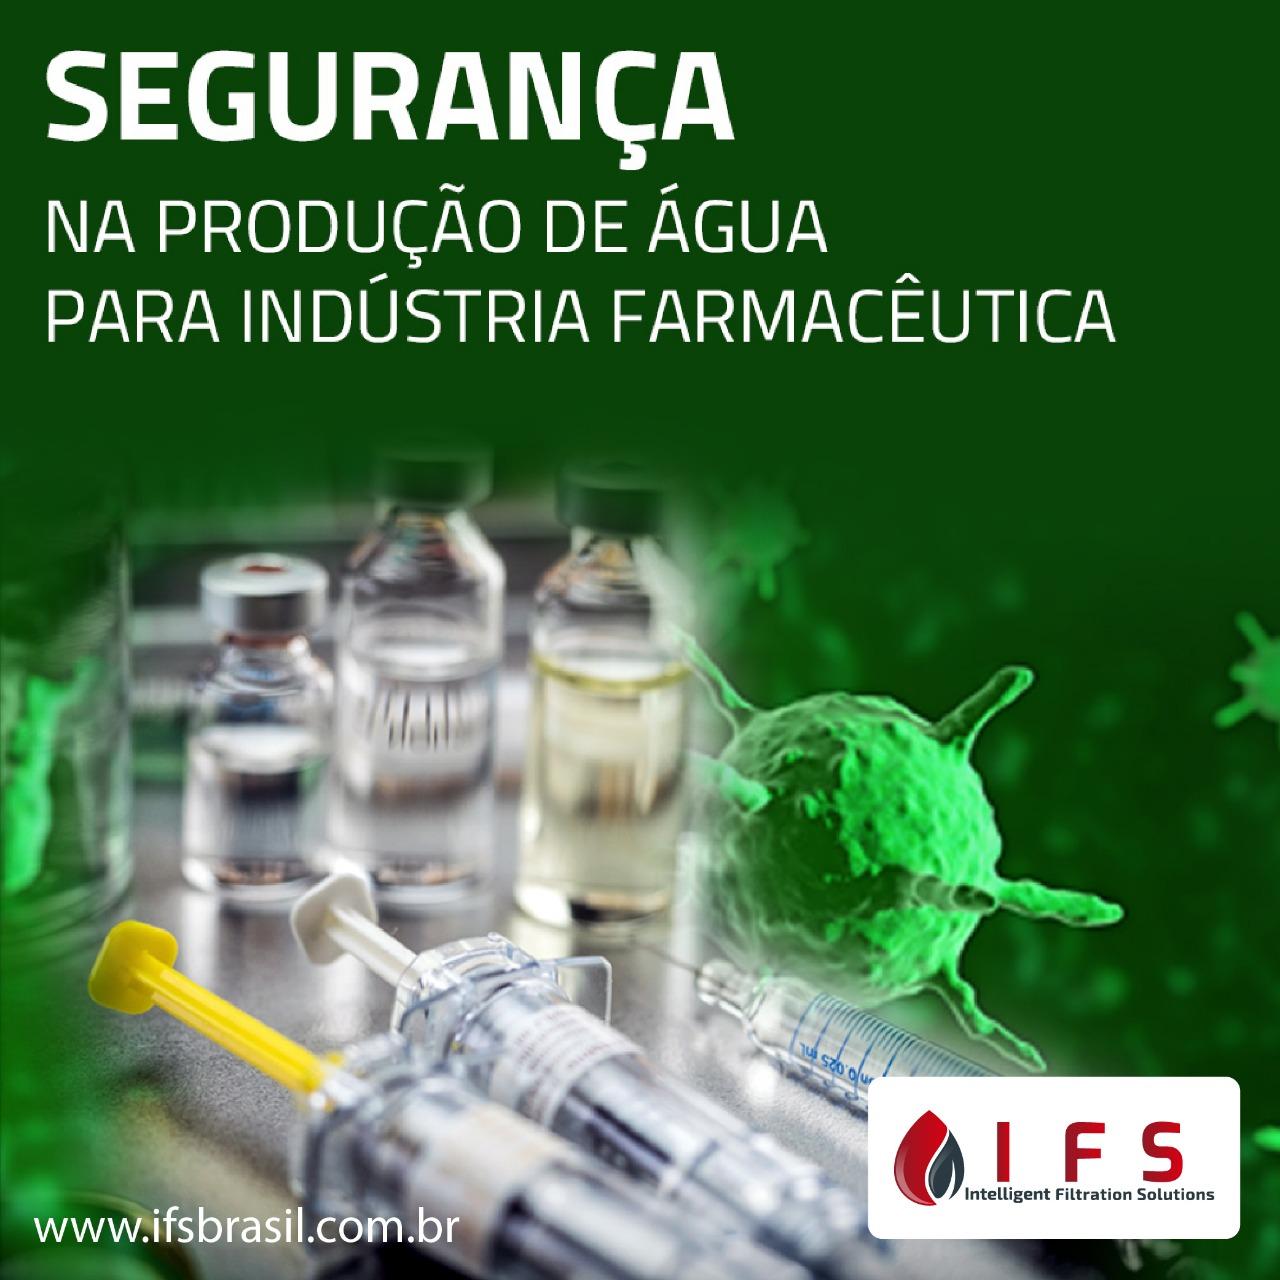 Segurança na Produção de Água para a Indústria Farmacêutica